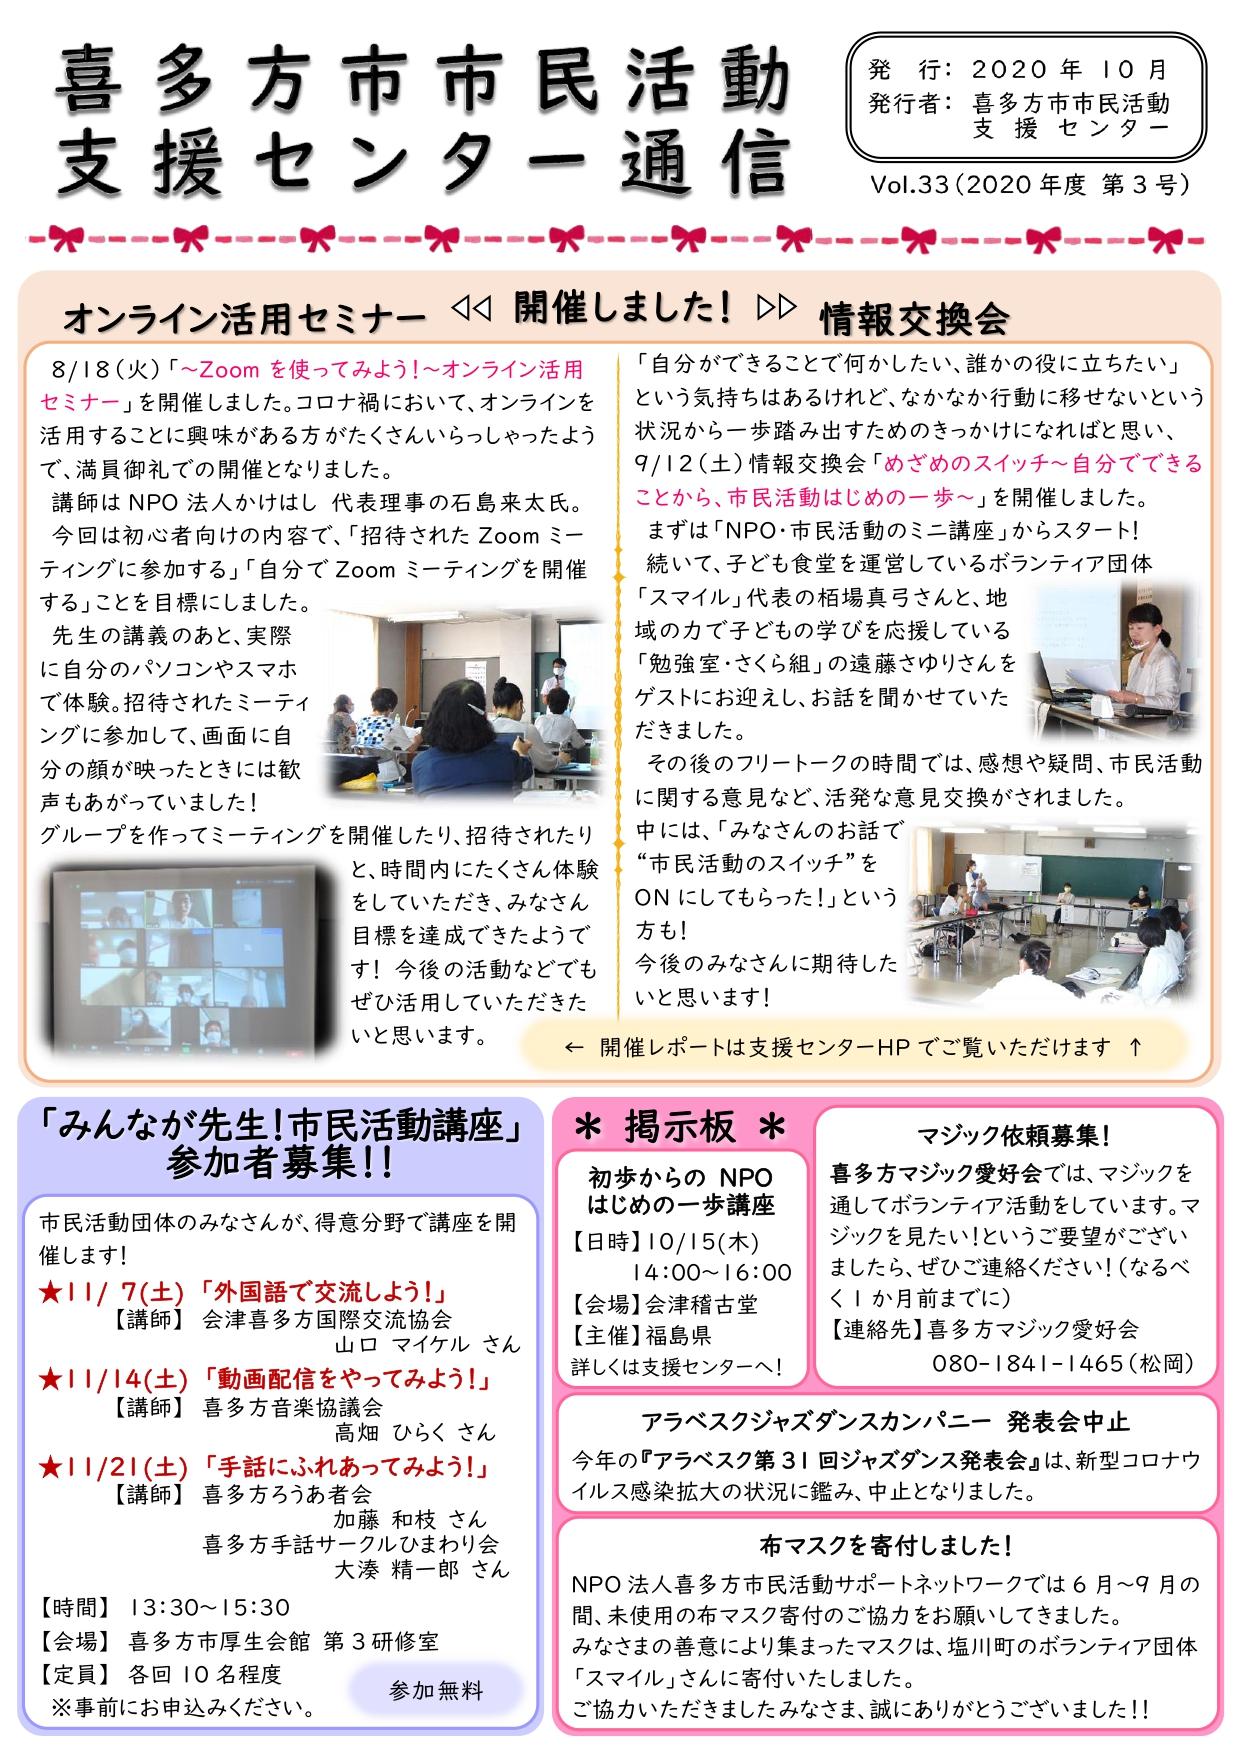 喜多方市市民活動支援センター通信 2020年度第3号(Vol.33)